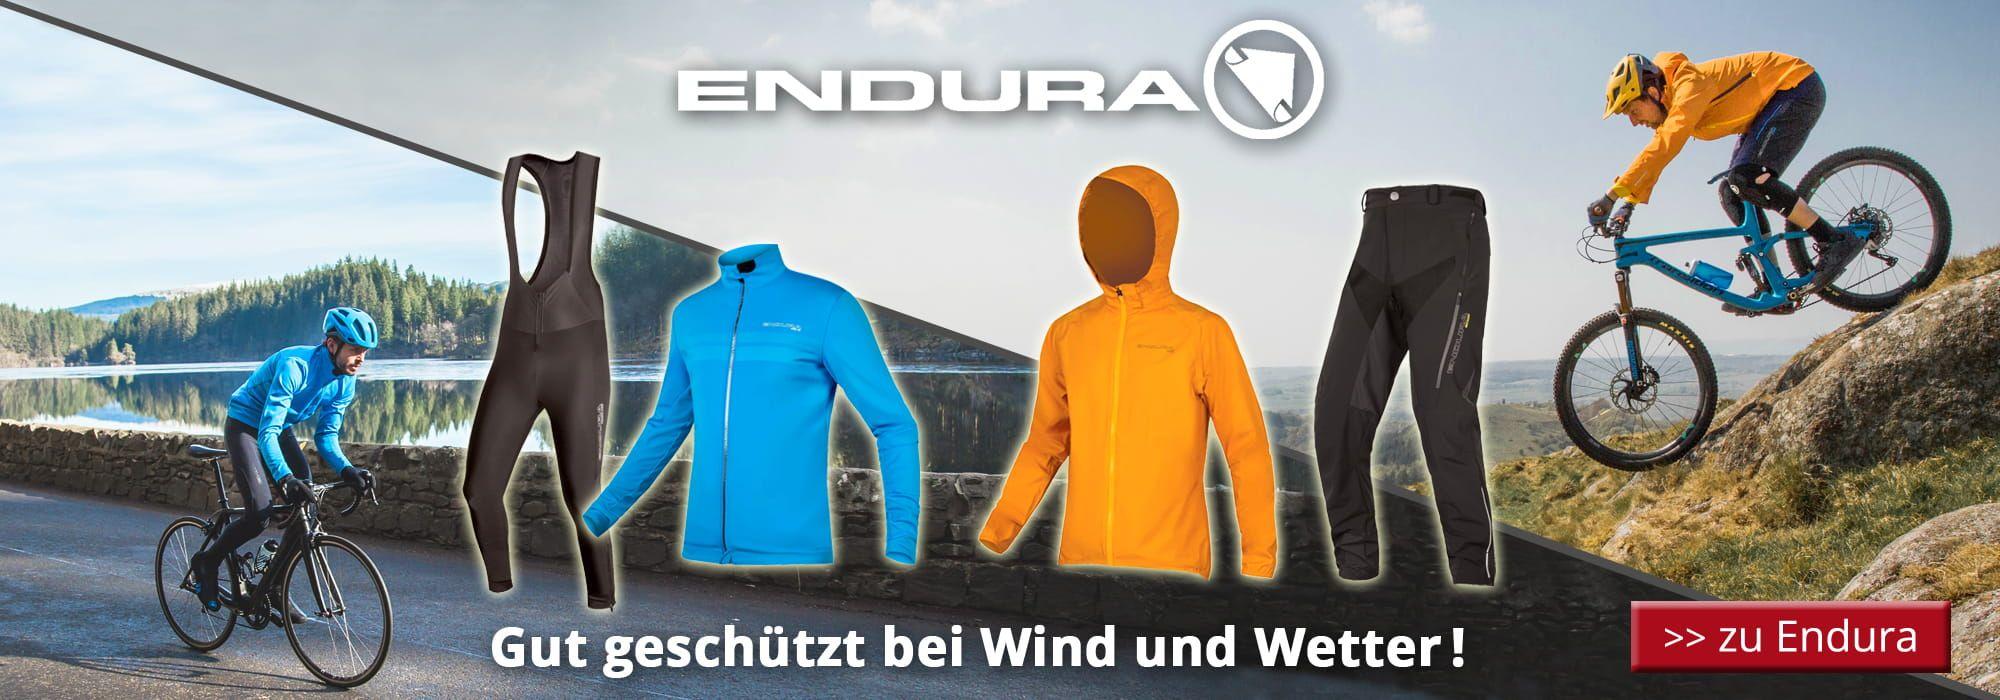 Herbst/ Winter 2018 Endura - Gut geschützt bei Wind und Wetter!